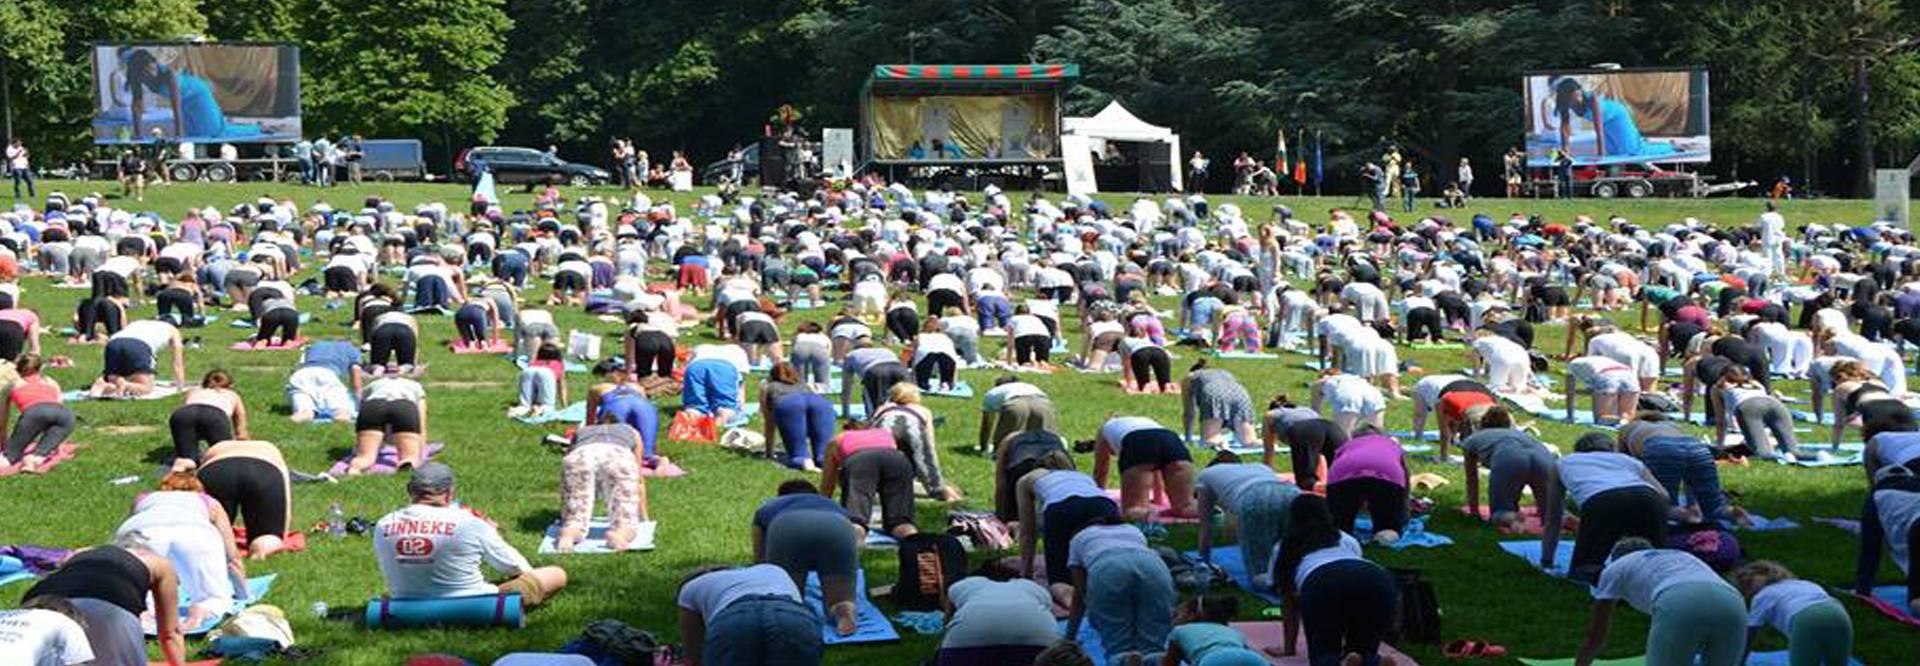 hith yoga